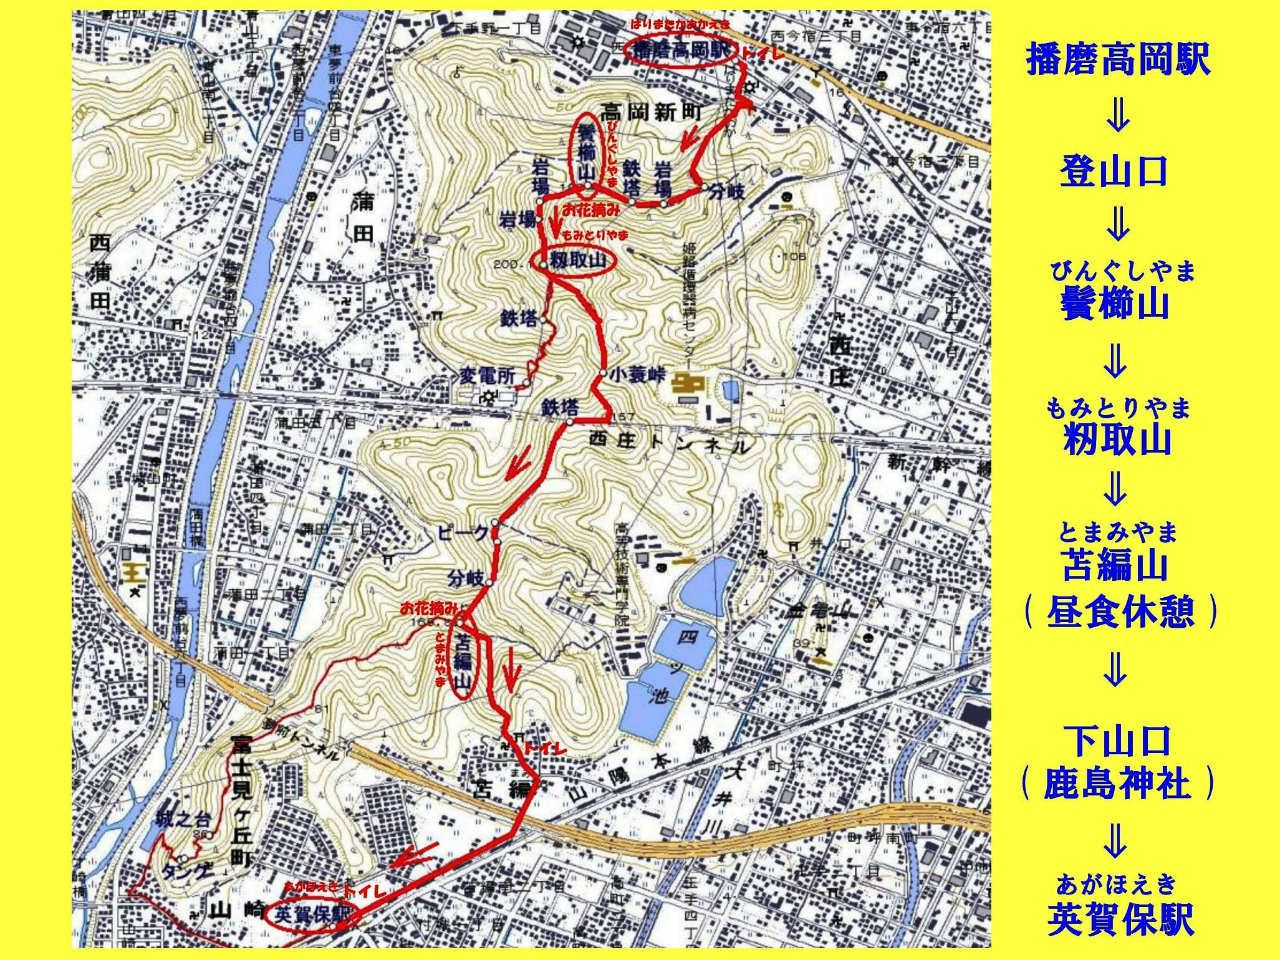 01a コースマップ